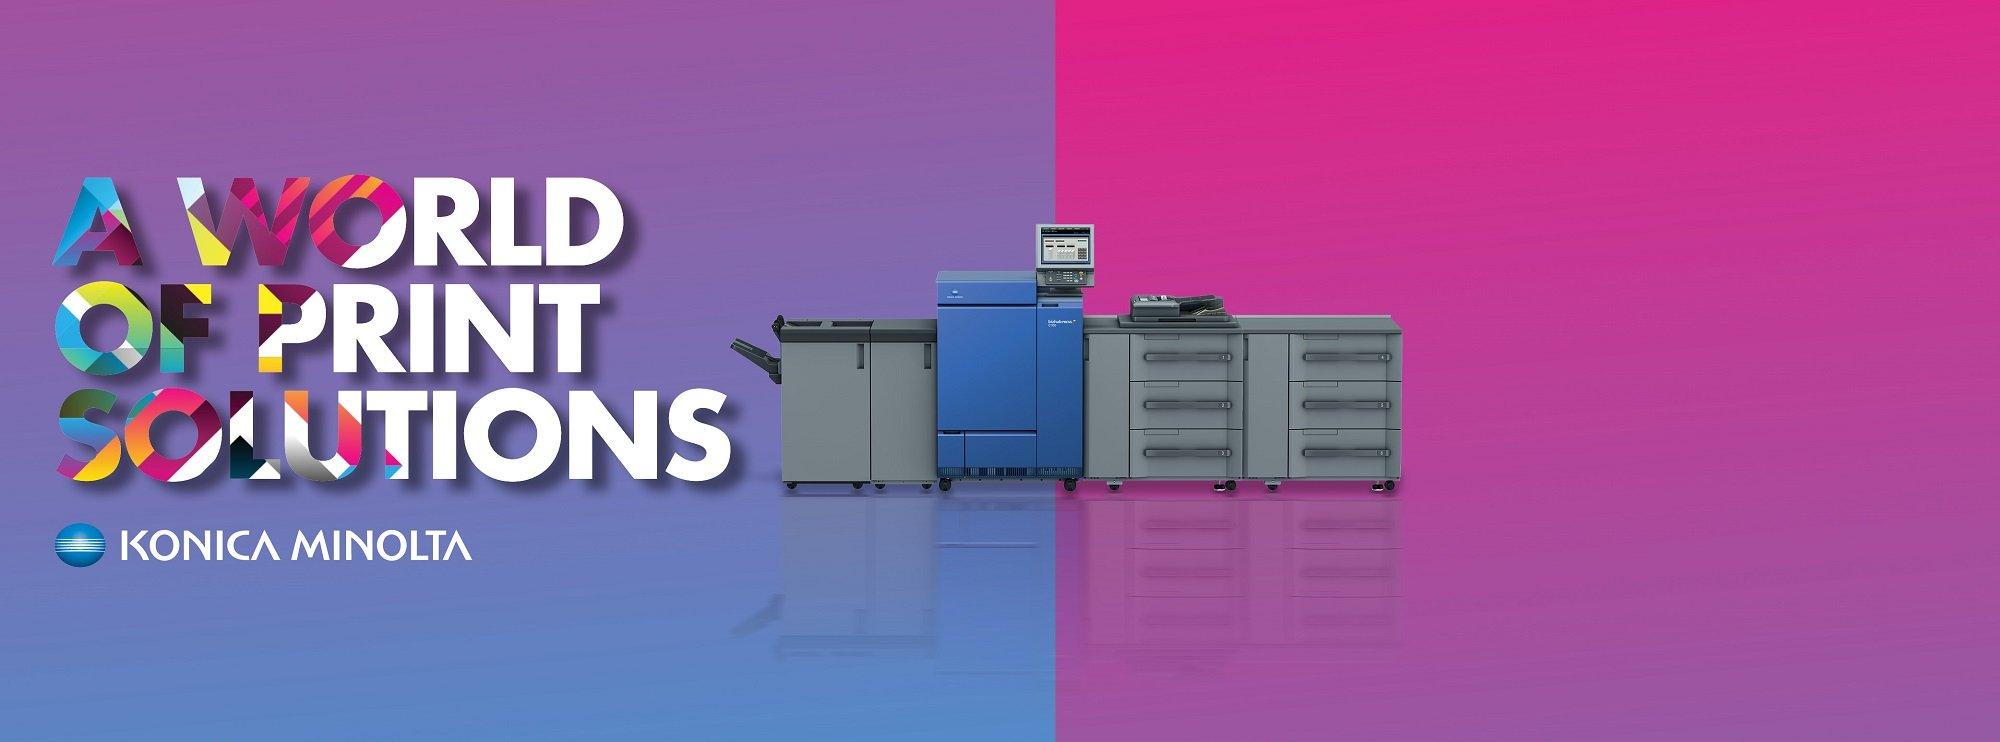 14 222 printers bunners 2000x7423 1 1, מדפסות לייזר צבע, מכשיר כריכה ספירלי, מדפסות לייזר צבעוניות, מדפסות לייזר למשרד